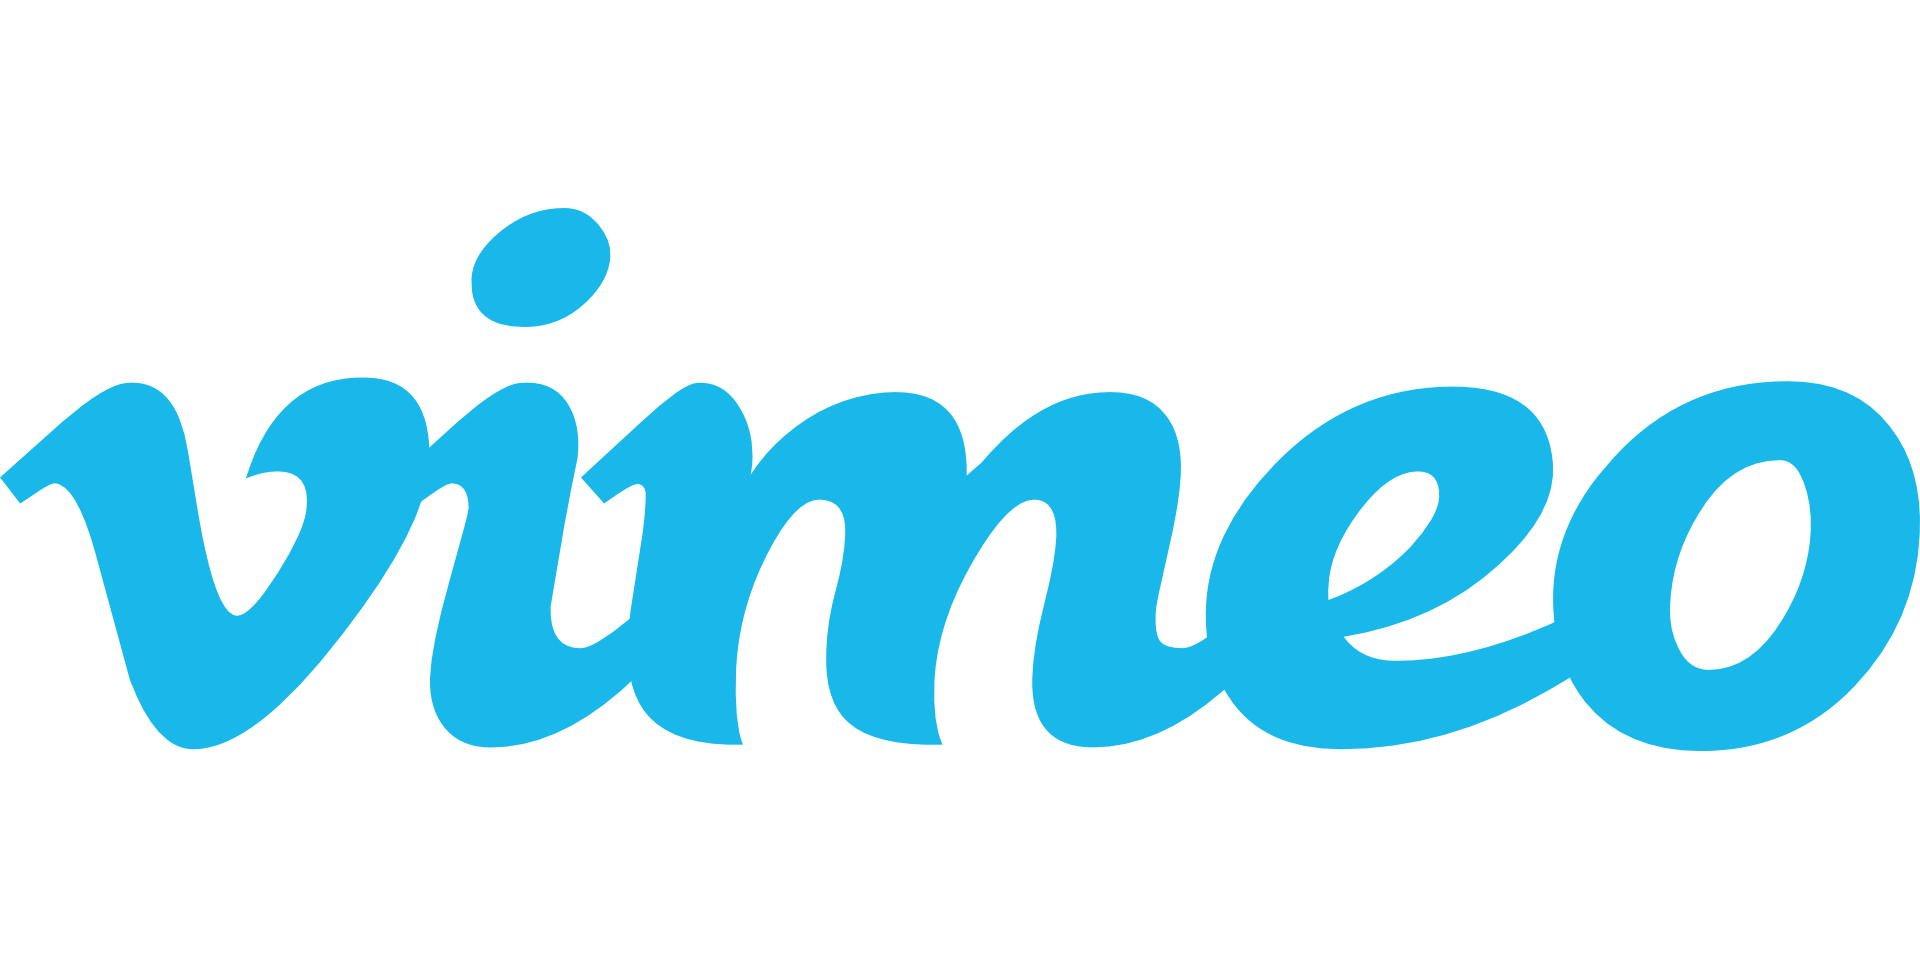 Vimeo Logo - Image by WikimediaImages